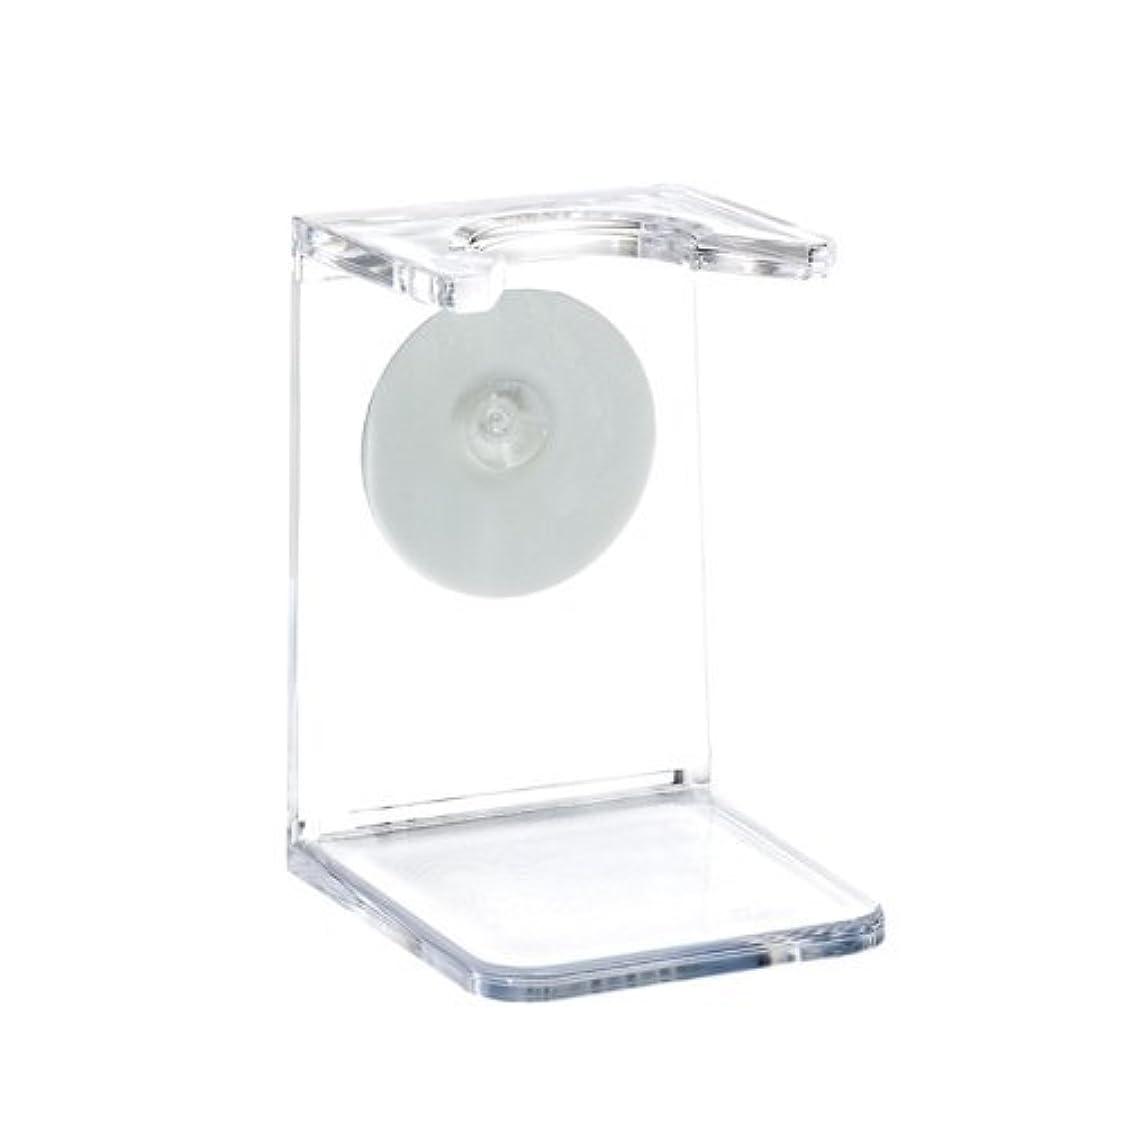 覗く音縞模様のミューレ シェービングブラシスタンド/プラスチック  (RH5)